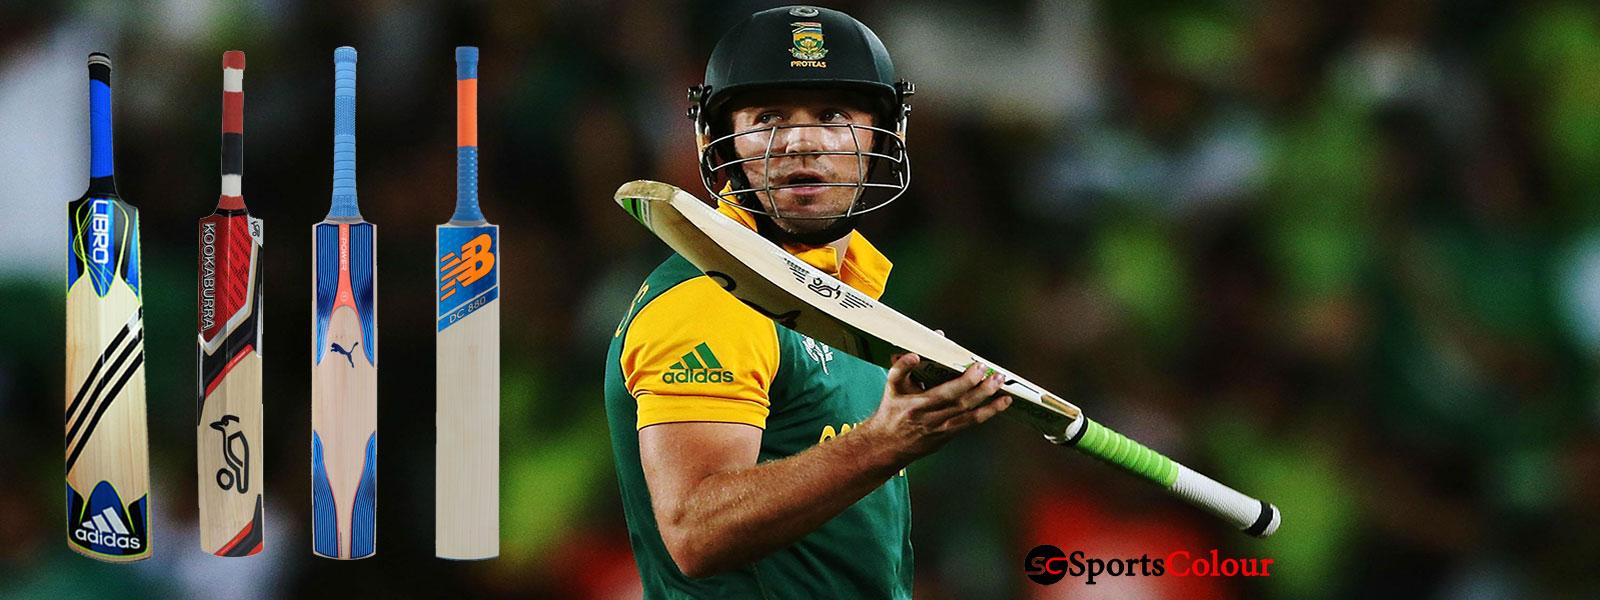 cricket-bats-adidas-puma-new-balance-ceat-gki-kookaburra